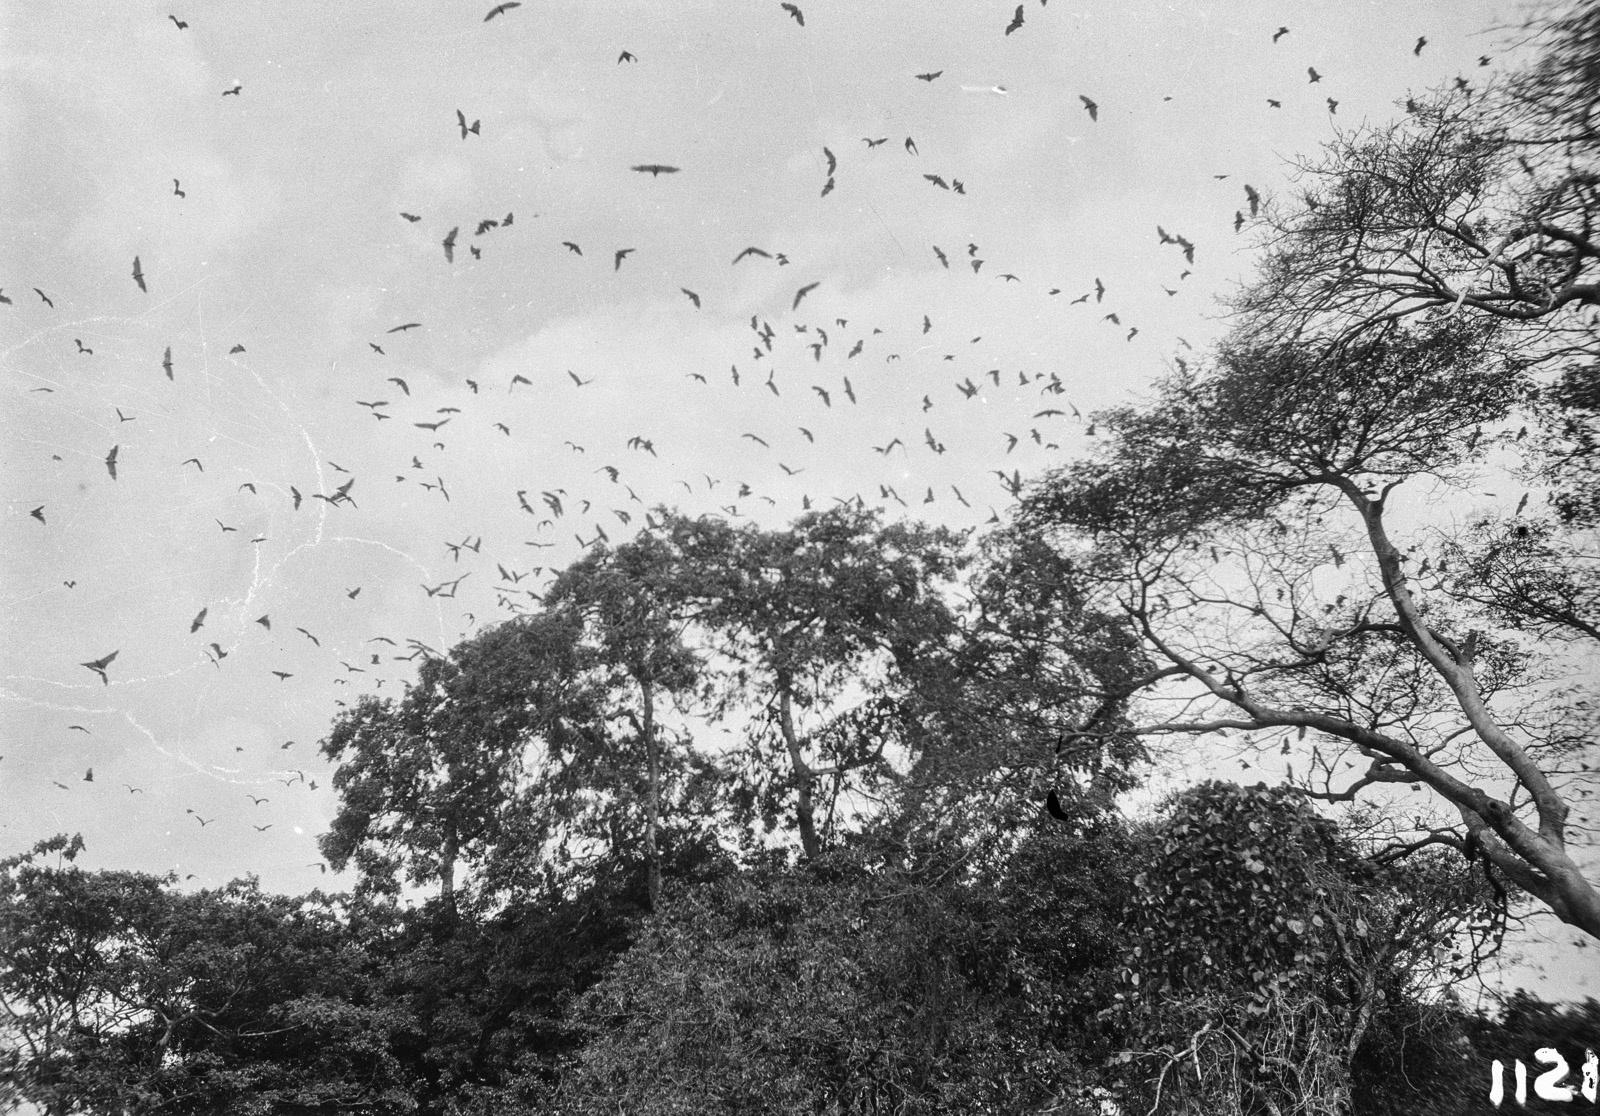 1123. Лундази. верхушка дерева с летающими фруктовыми летучими мышами